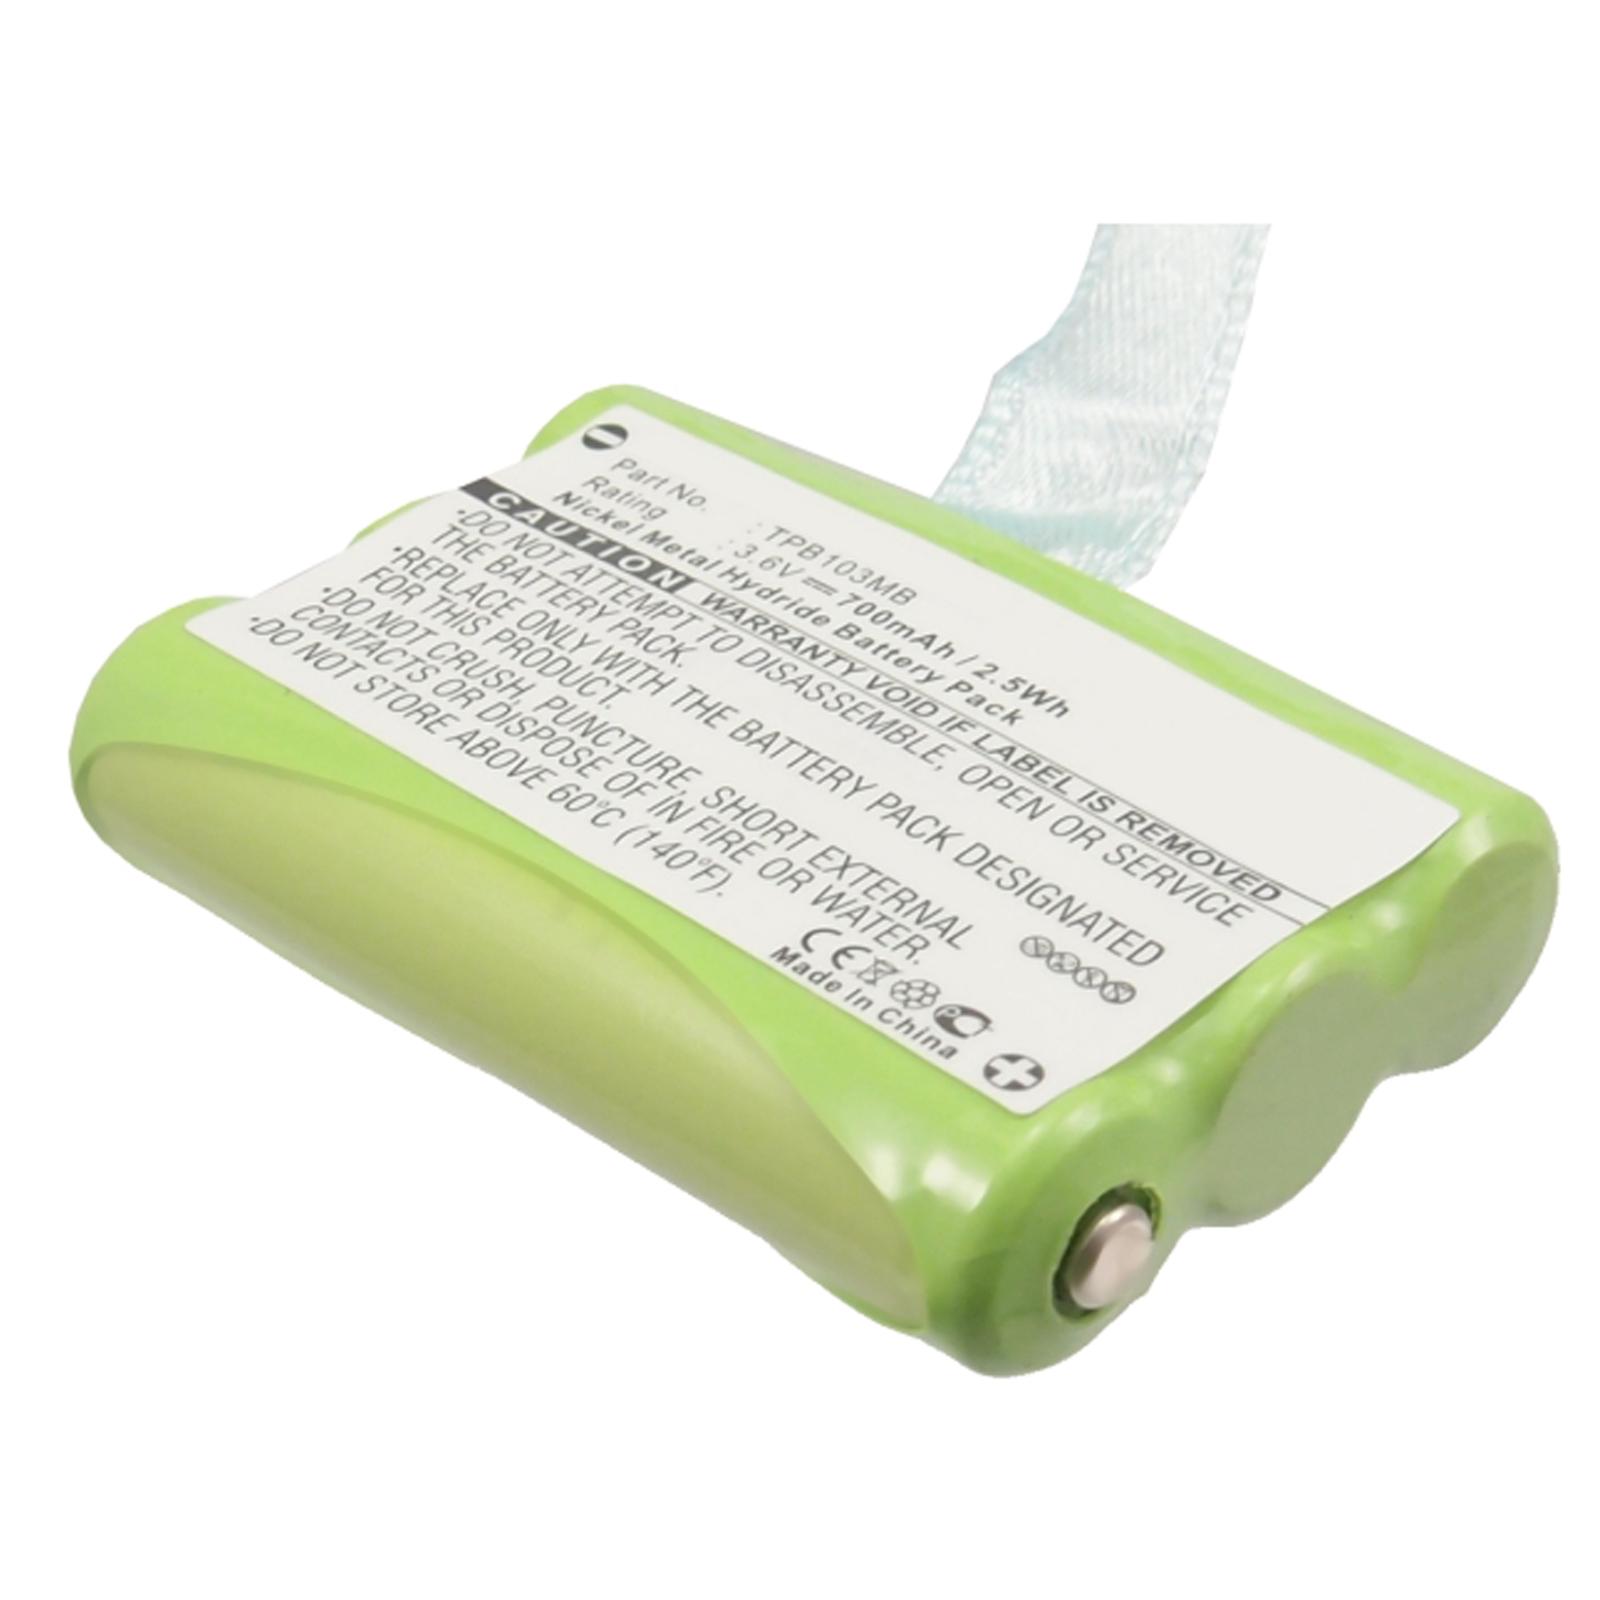 3 6v baby monitor battery for topcom babytalker 1010 1020 1030 twintalker 3700 ebay. Black Bedroom Furniture Sets. Home Design Ideas